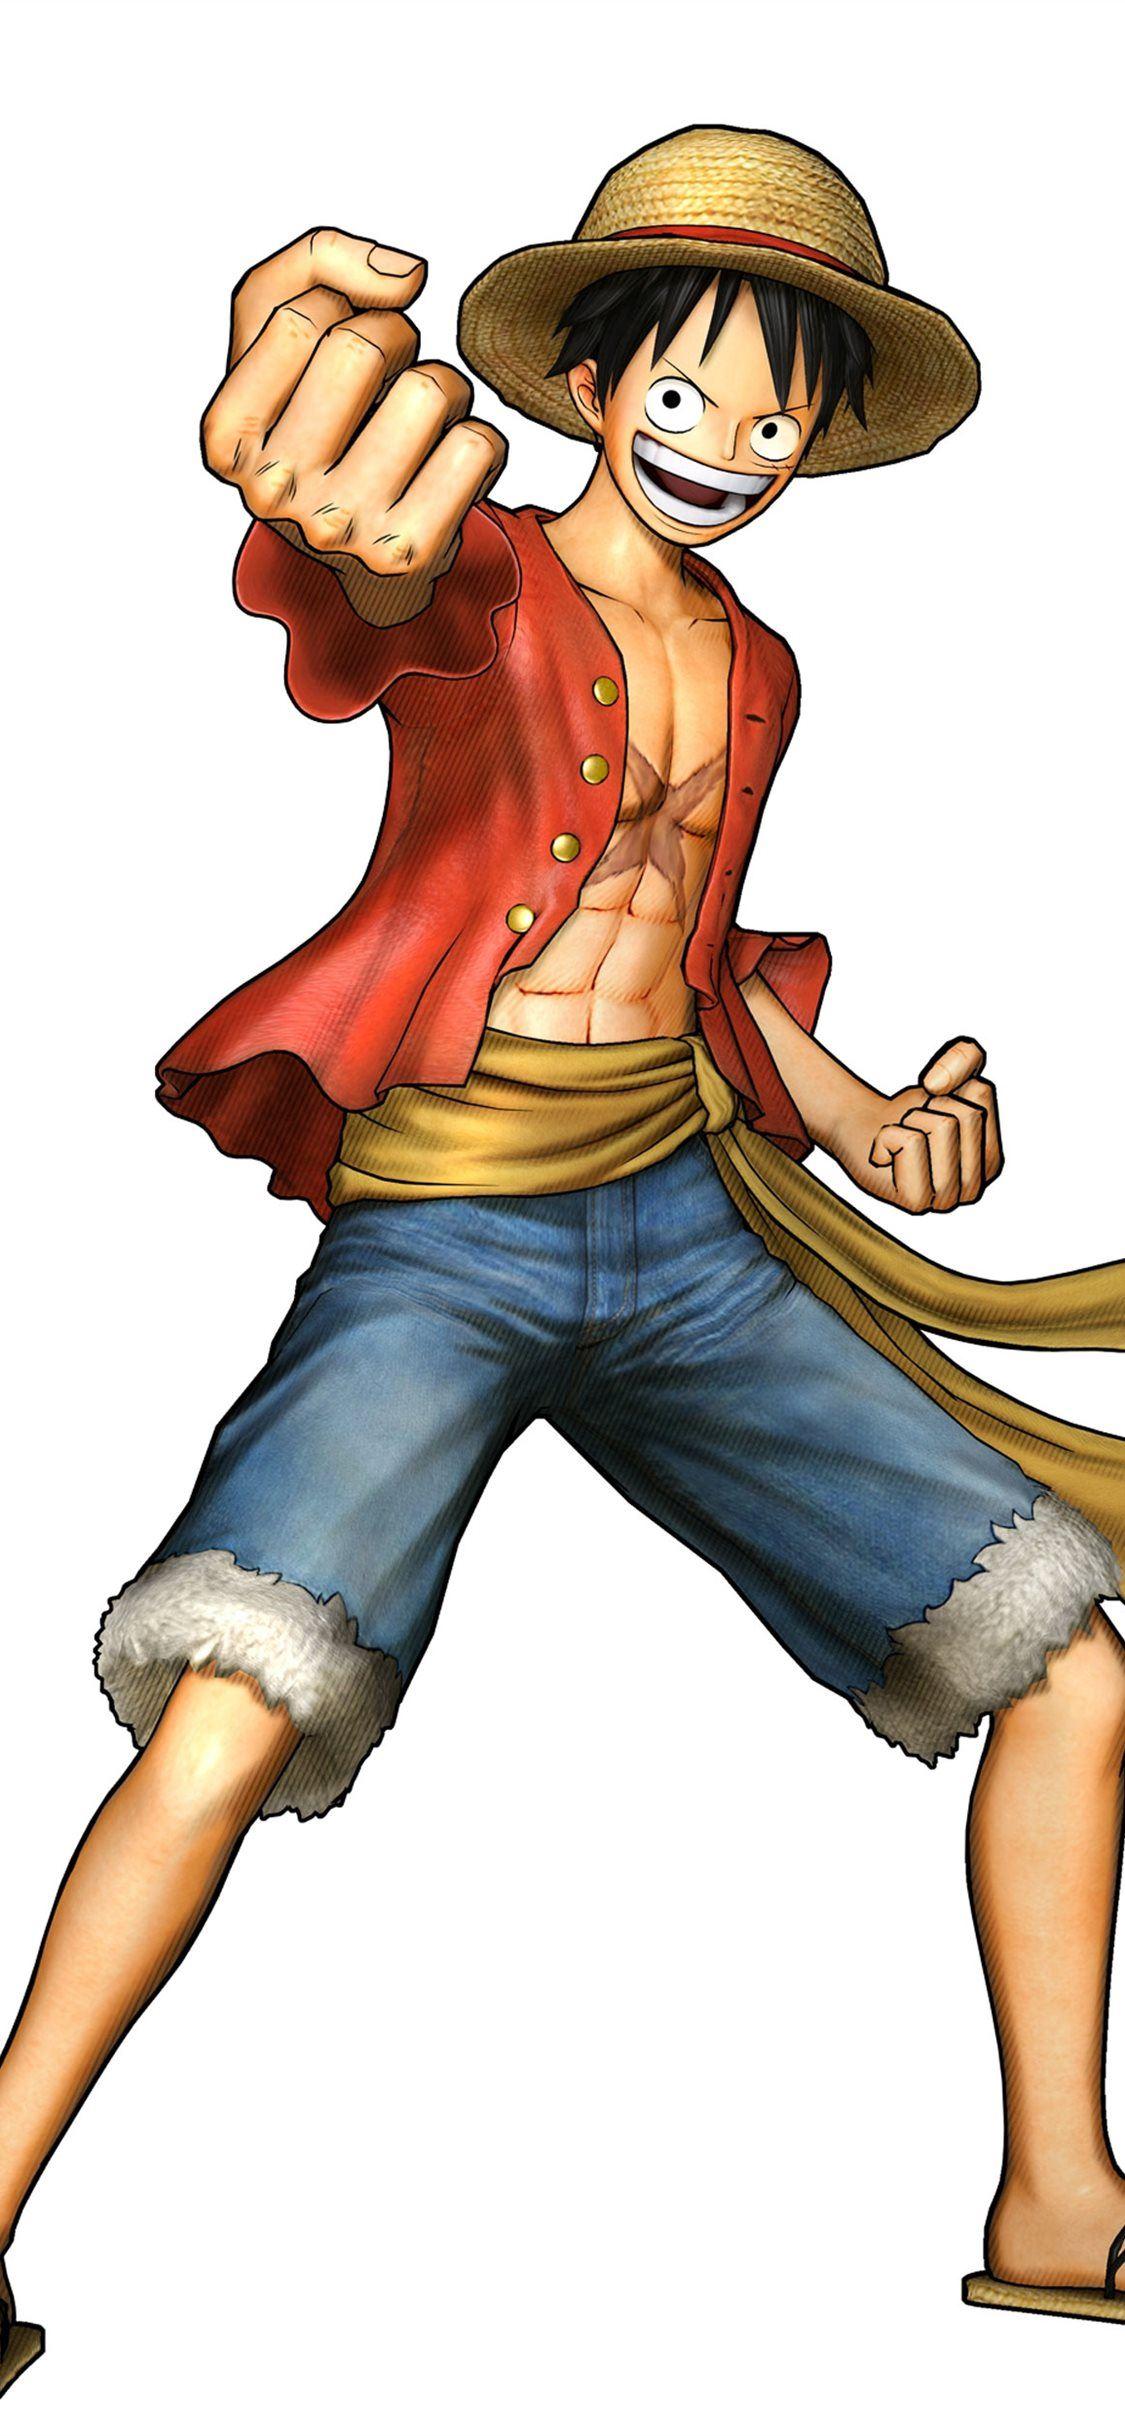 Tải 45 Hình Nền Điện Thoại One Piece Miễn Phí & Chất Lượng 4K